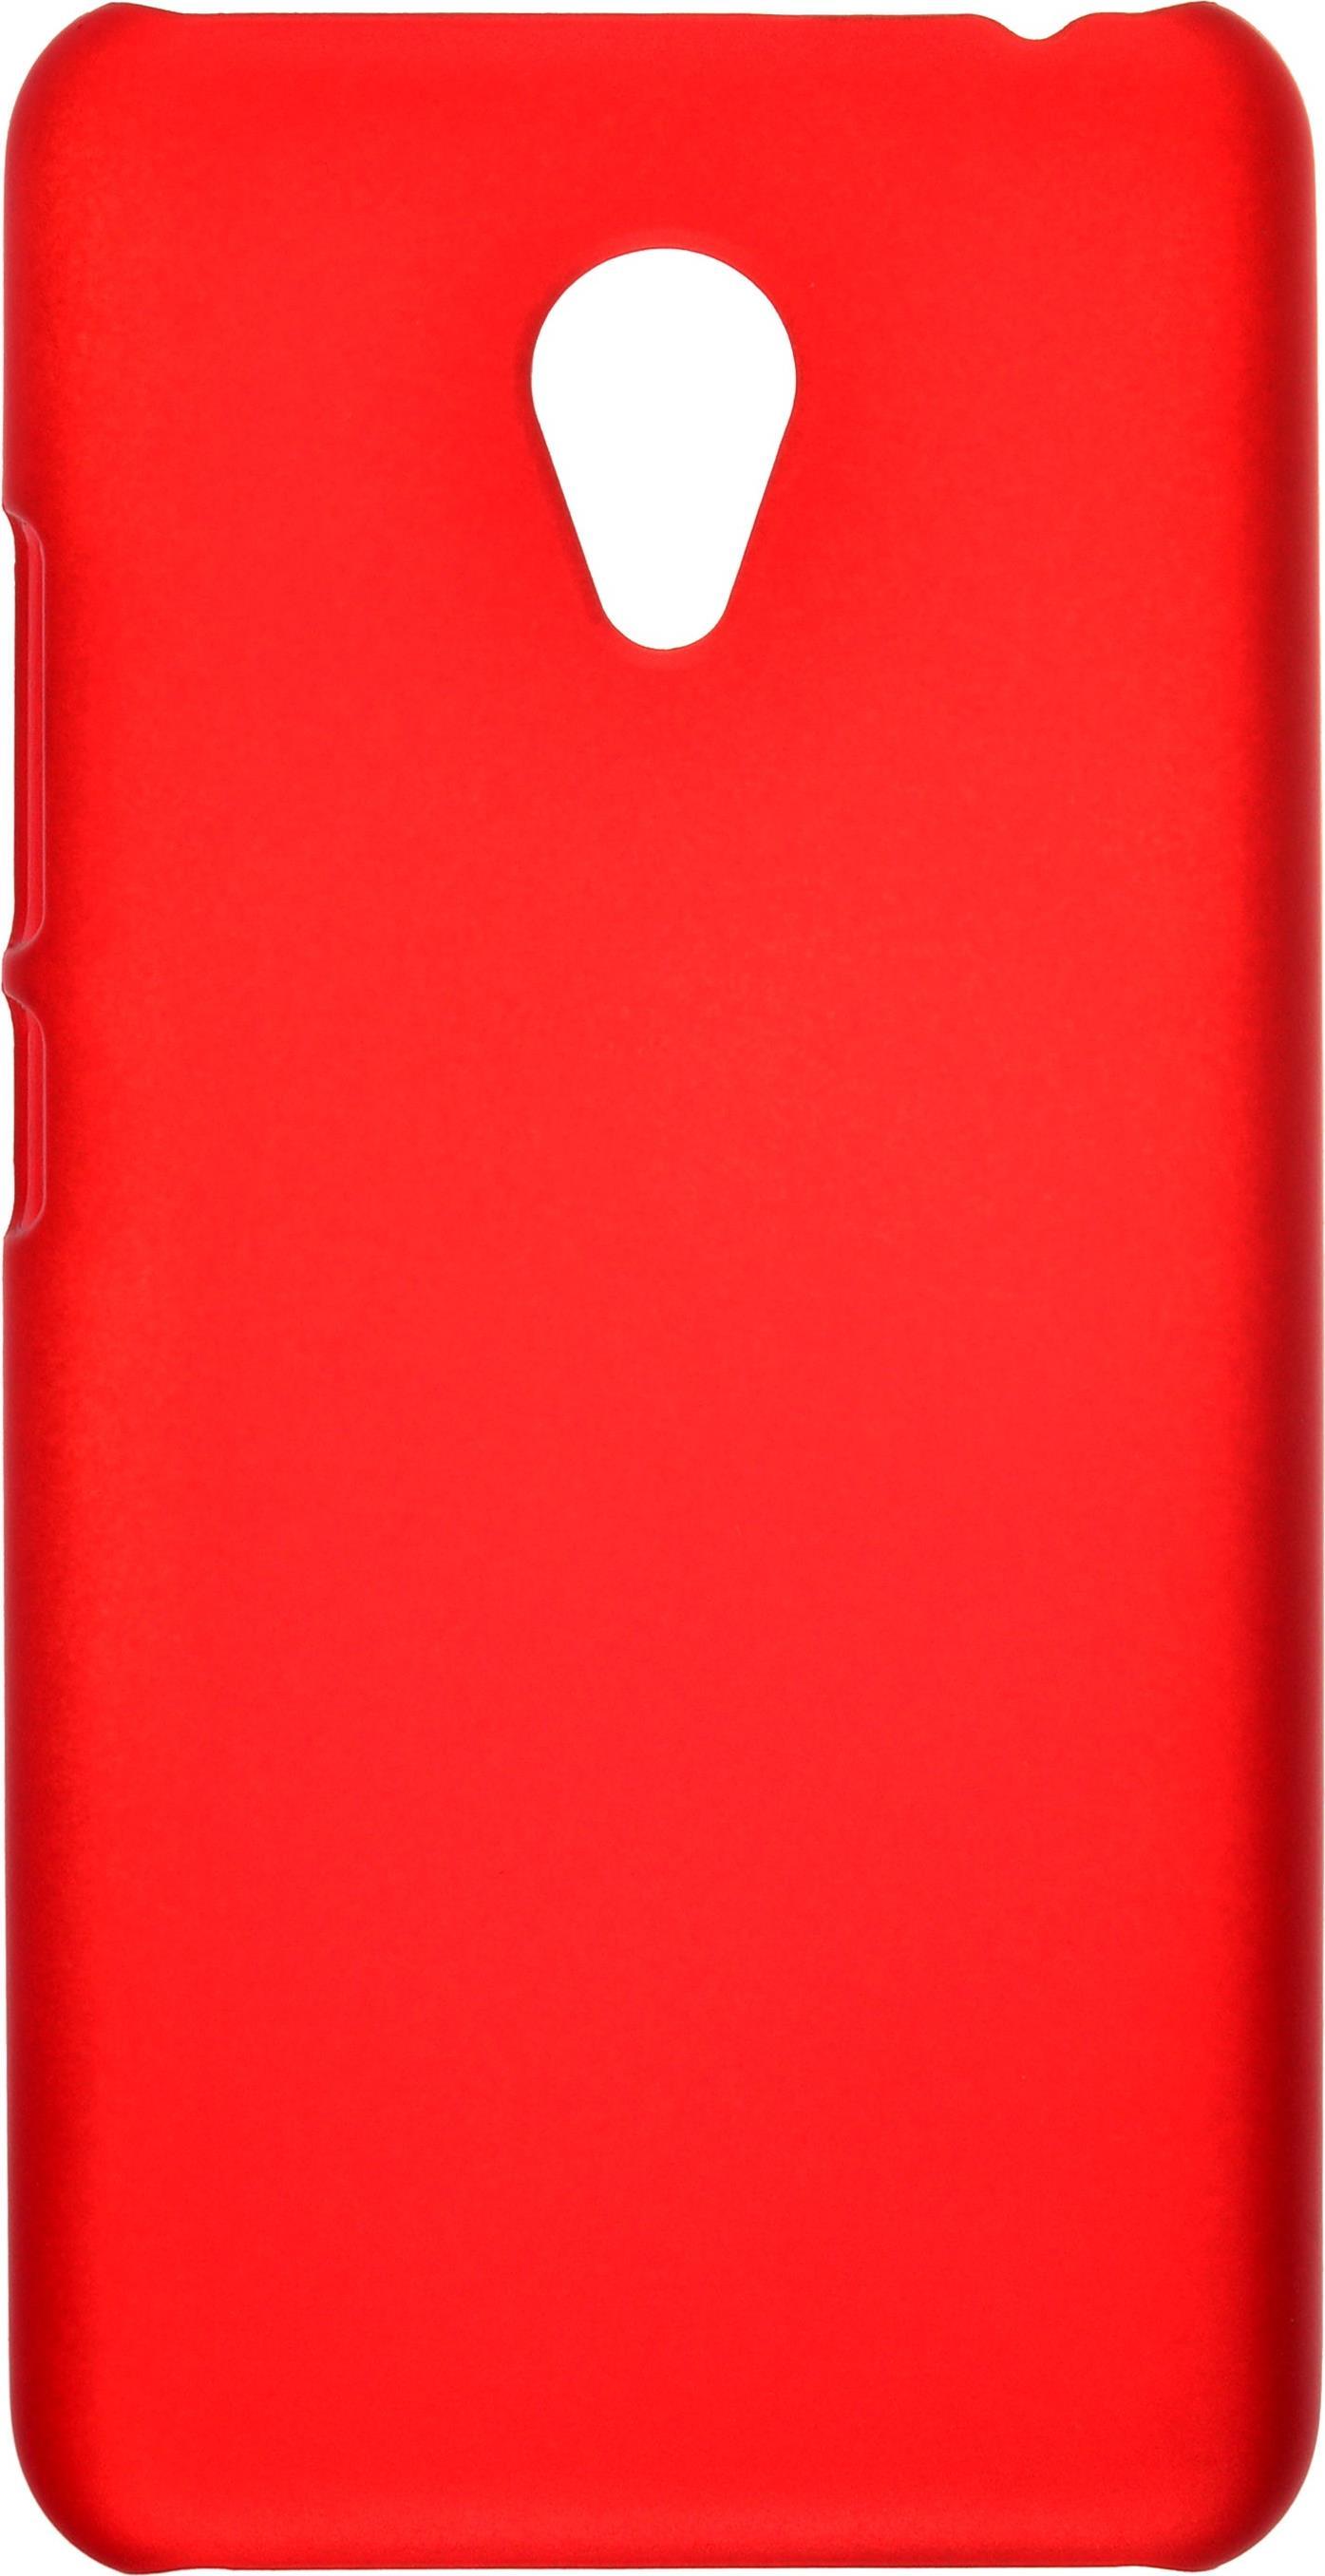 Чехол для сотового телефона skinBOX 4People, 4660041407495, красный чехол для сотового телефона skinbox 4people 4630042528994 красный